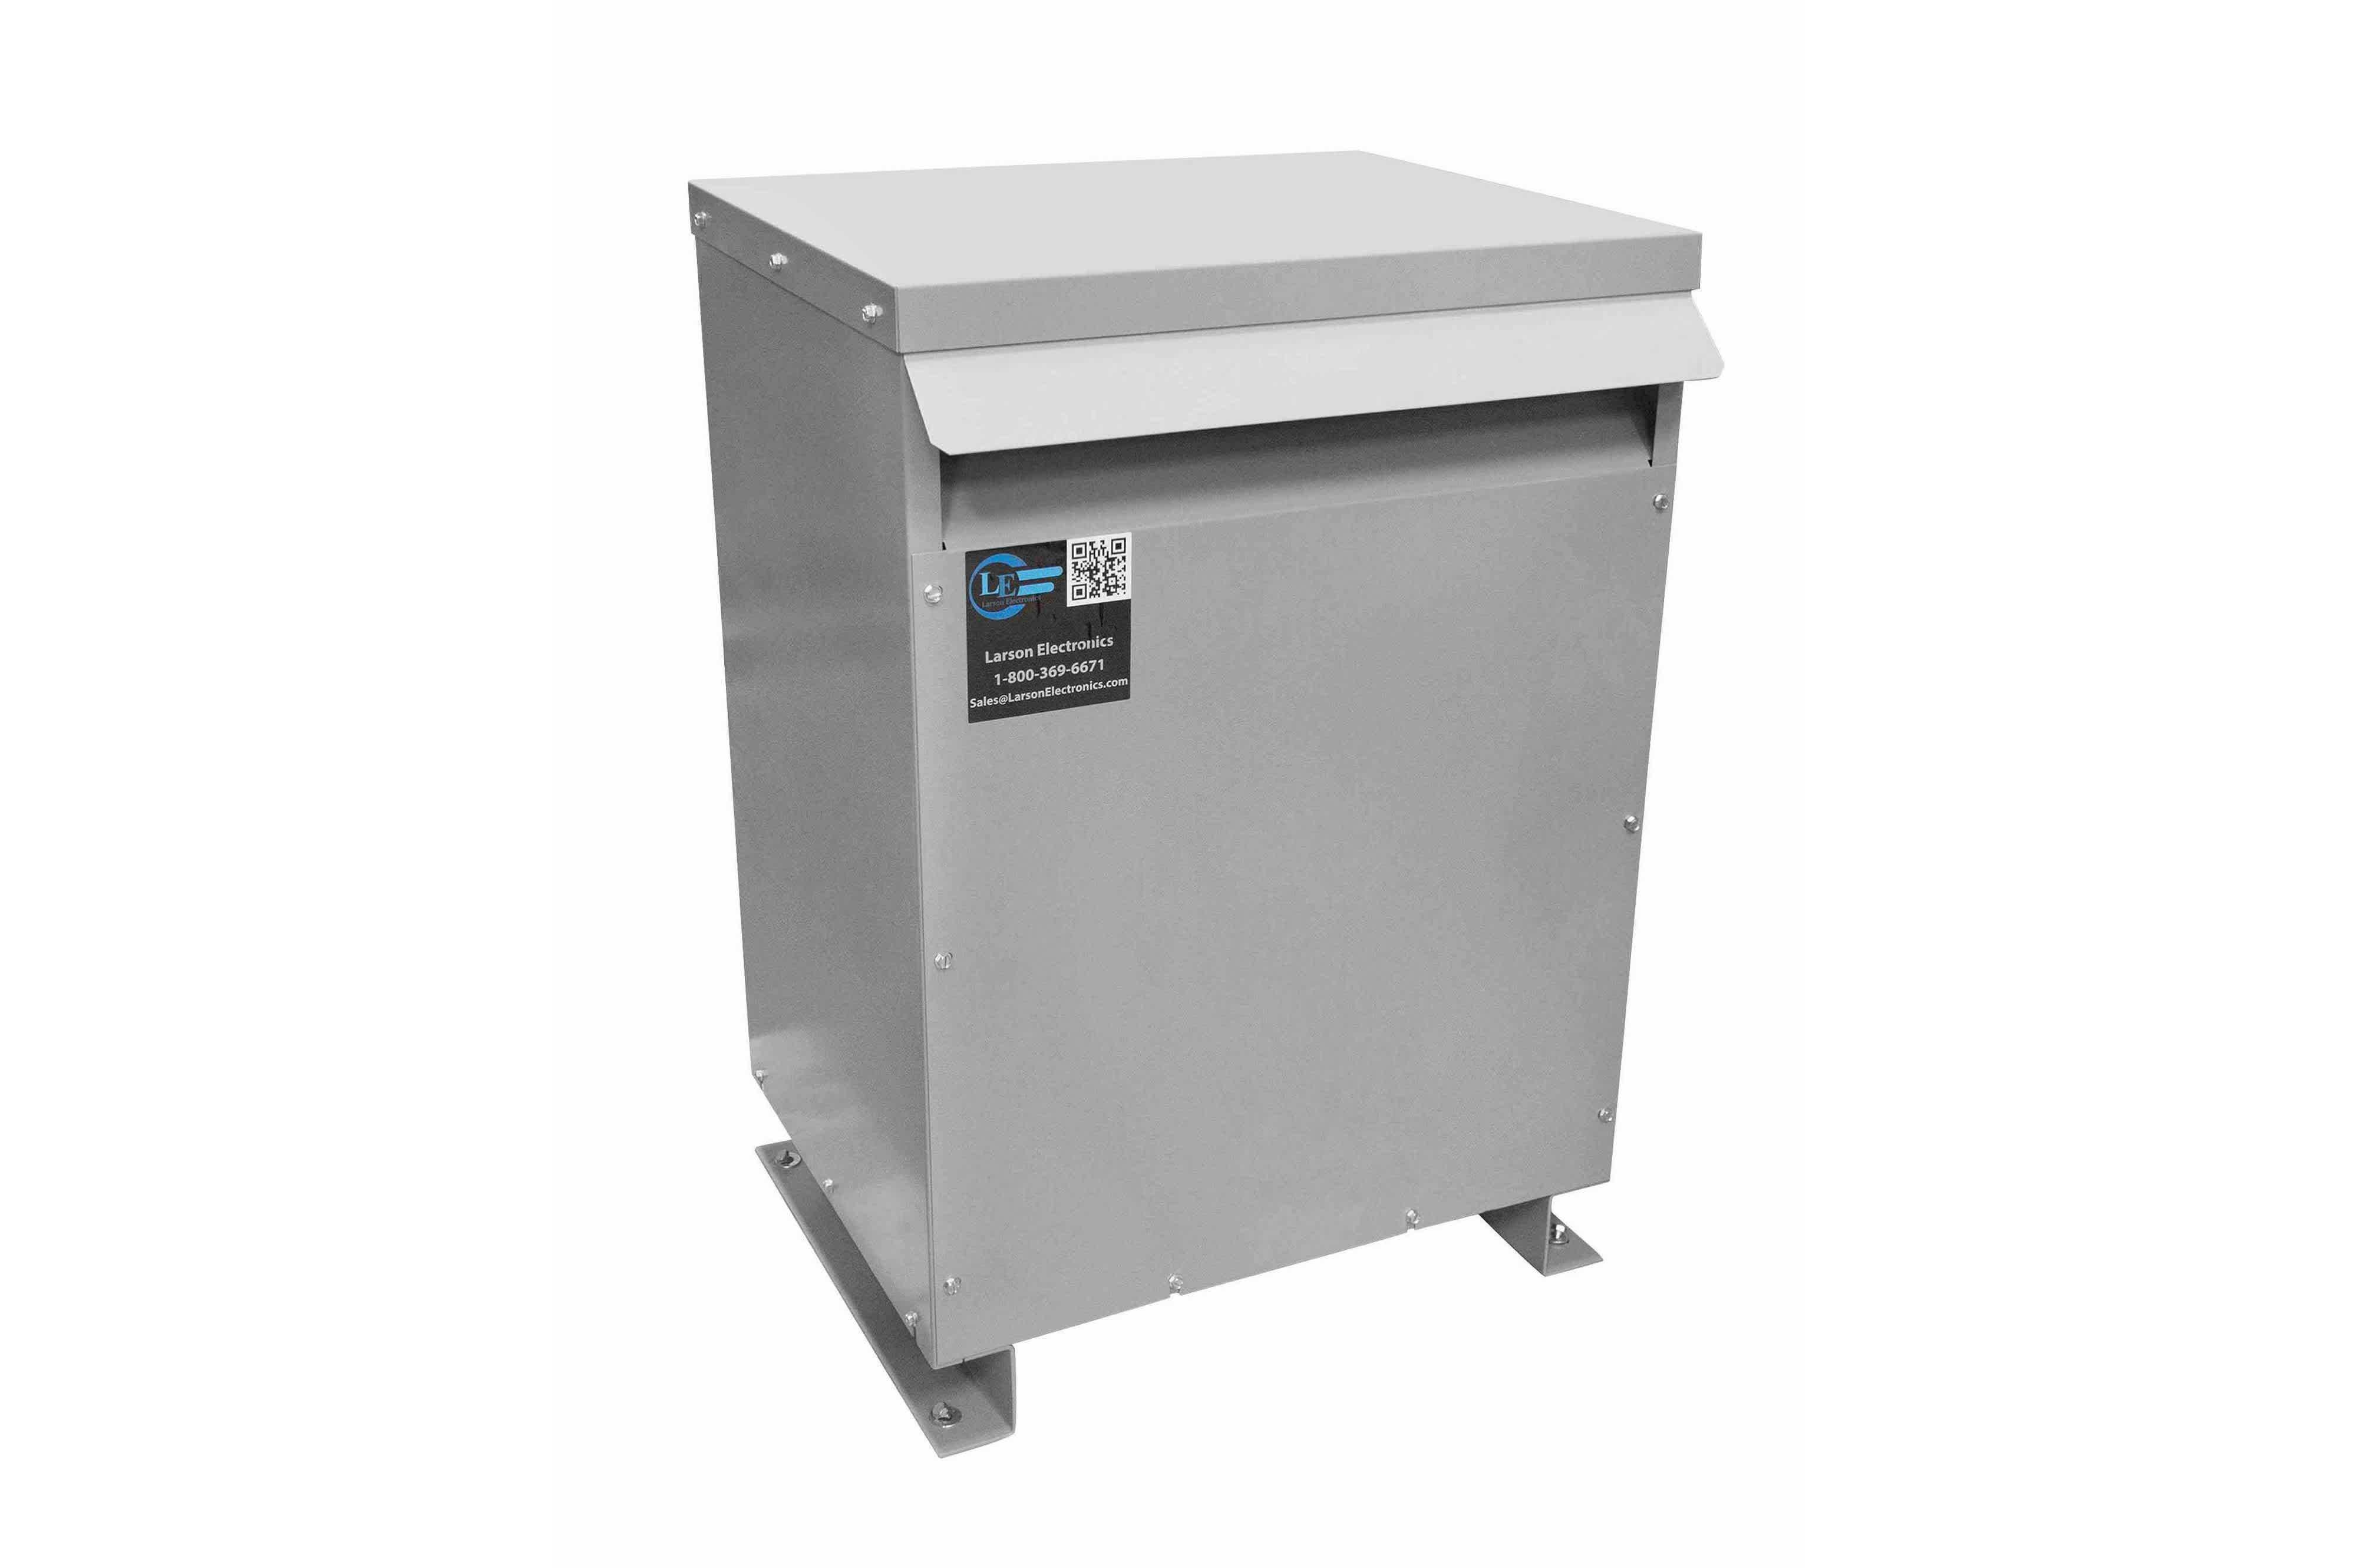 25 kVA 3PH Isolation Transformer, 600V Delta Primary, 415V Delta Secondary, N3R, Ventilated, 60 Hz